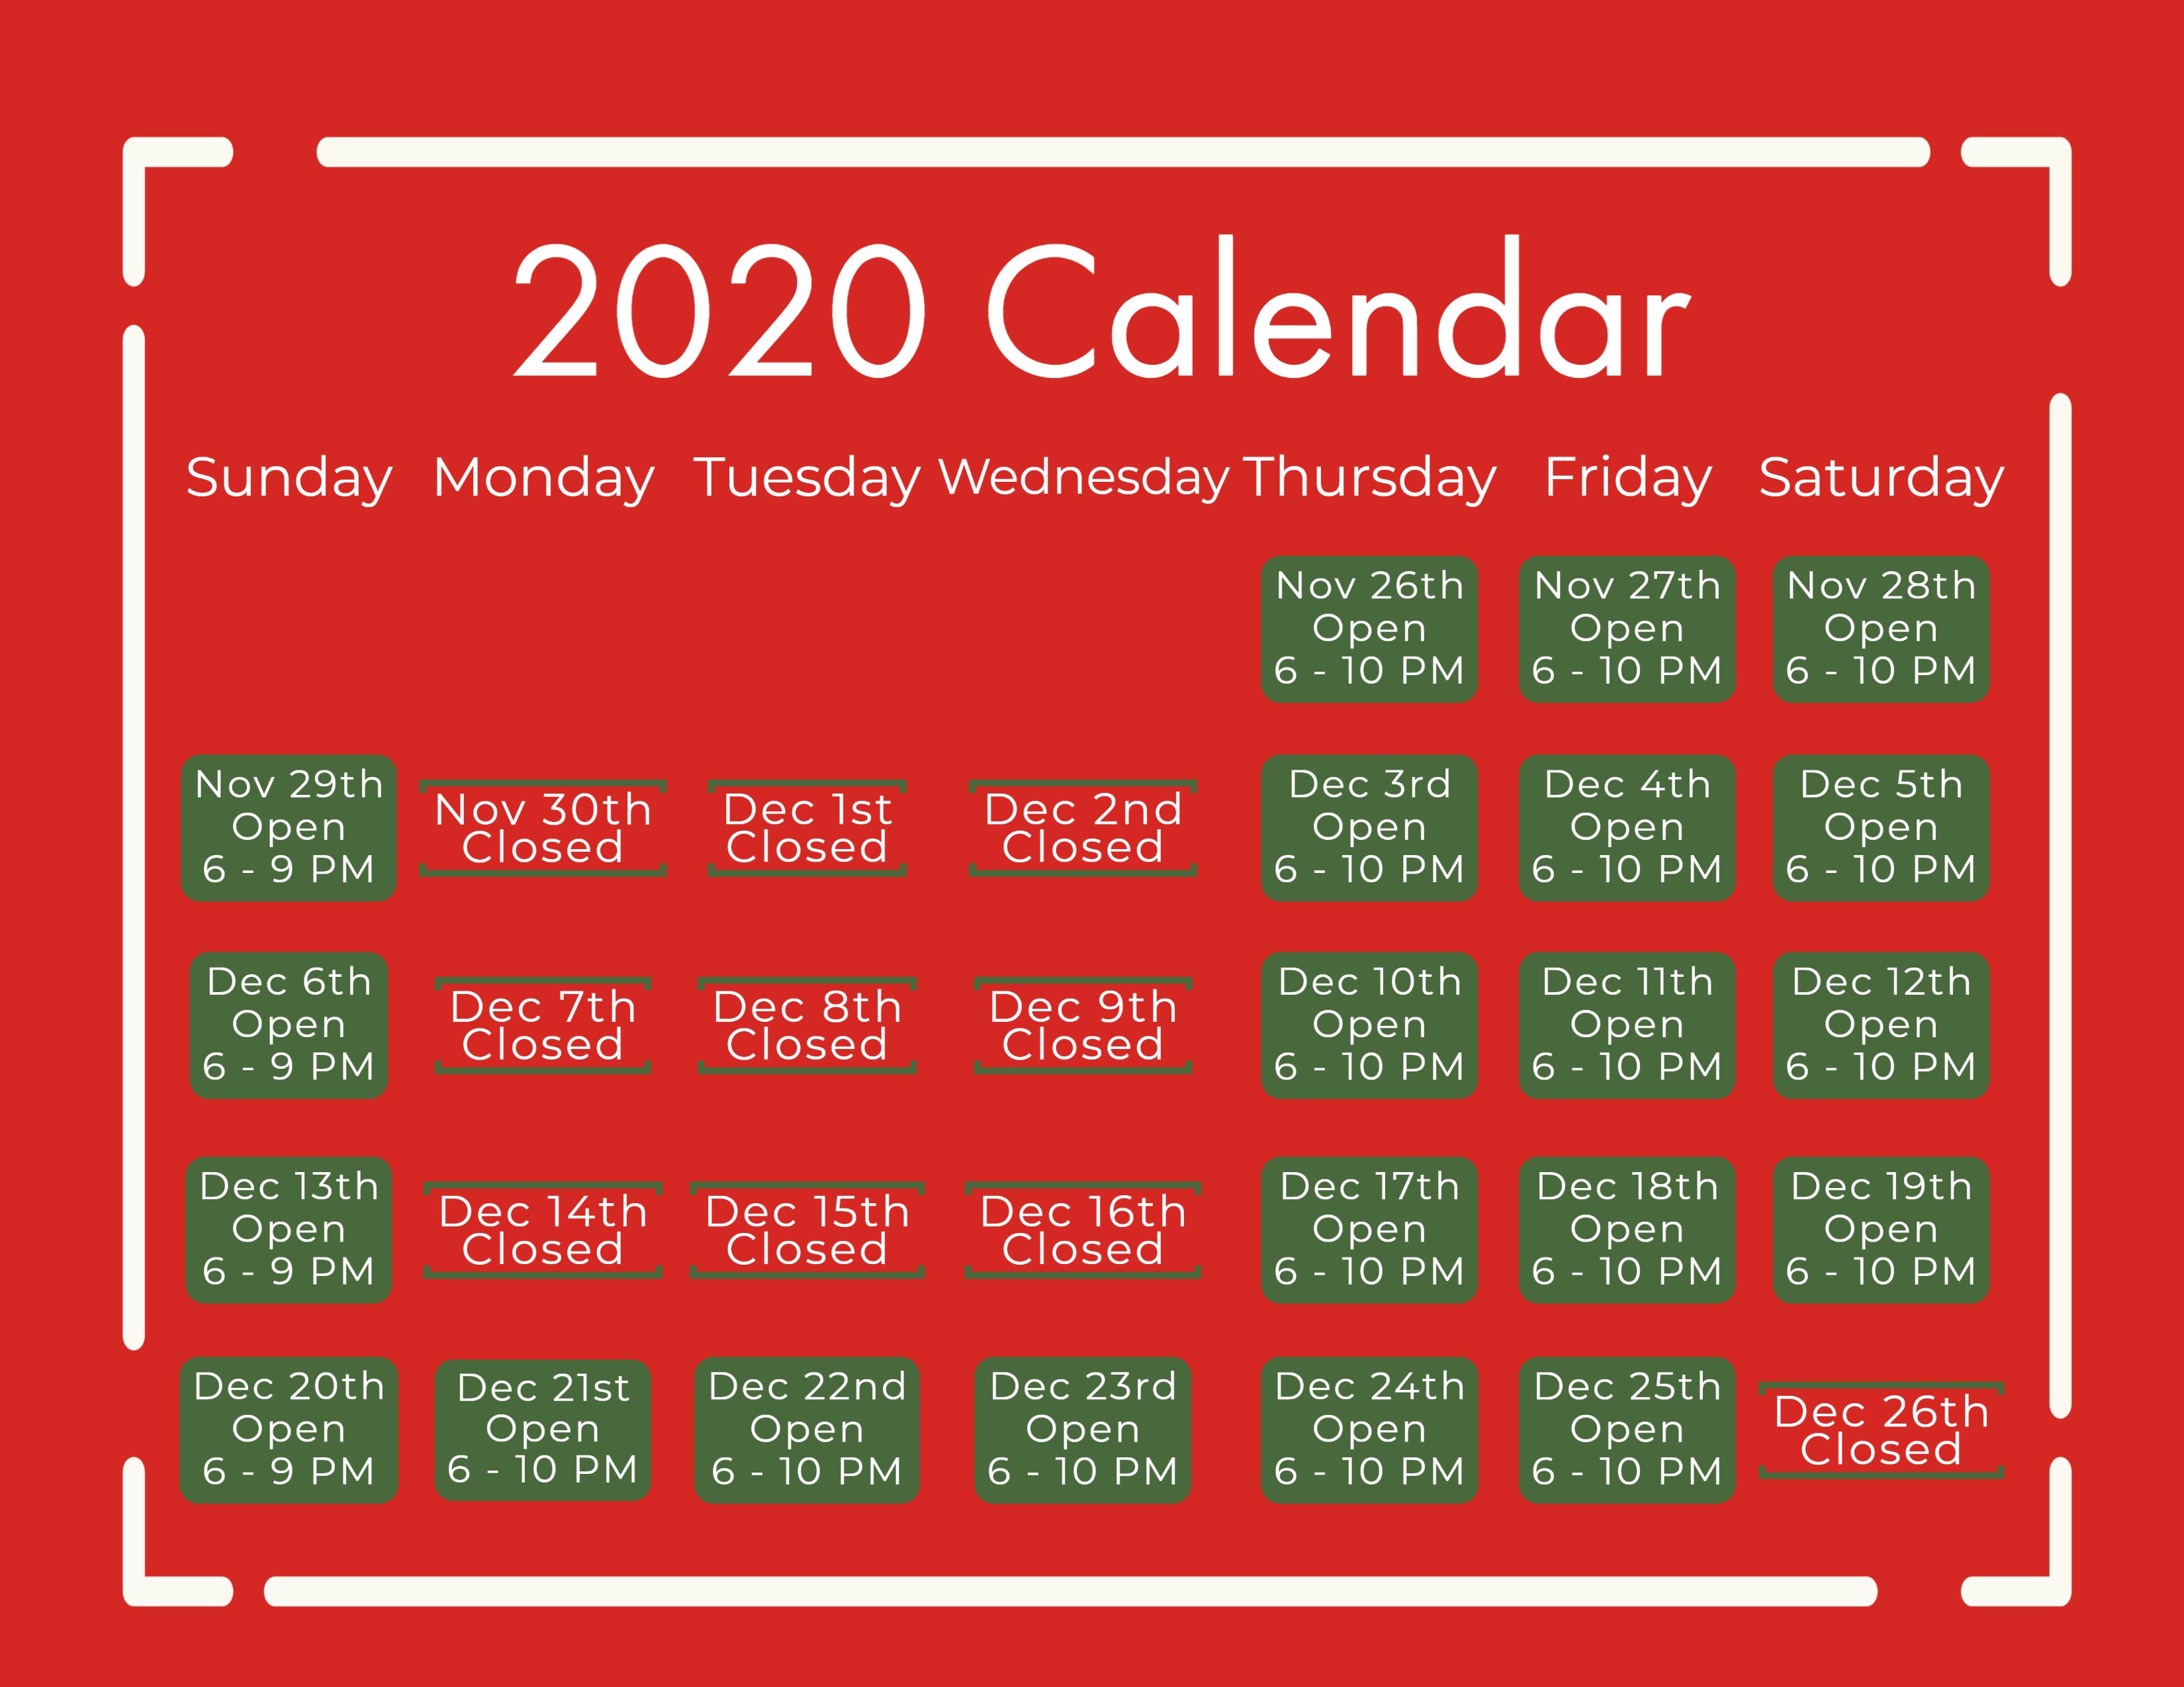 CLF Calendar 2020